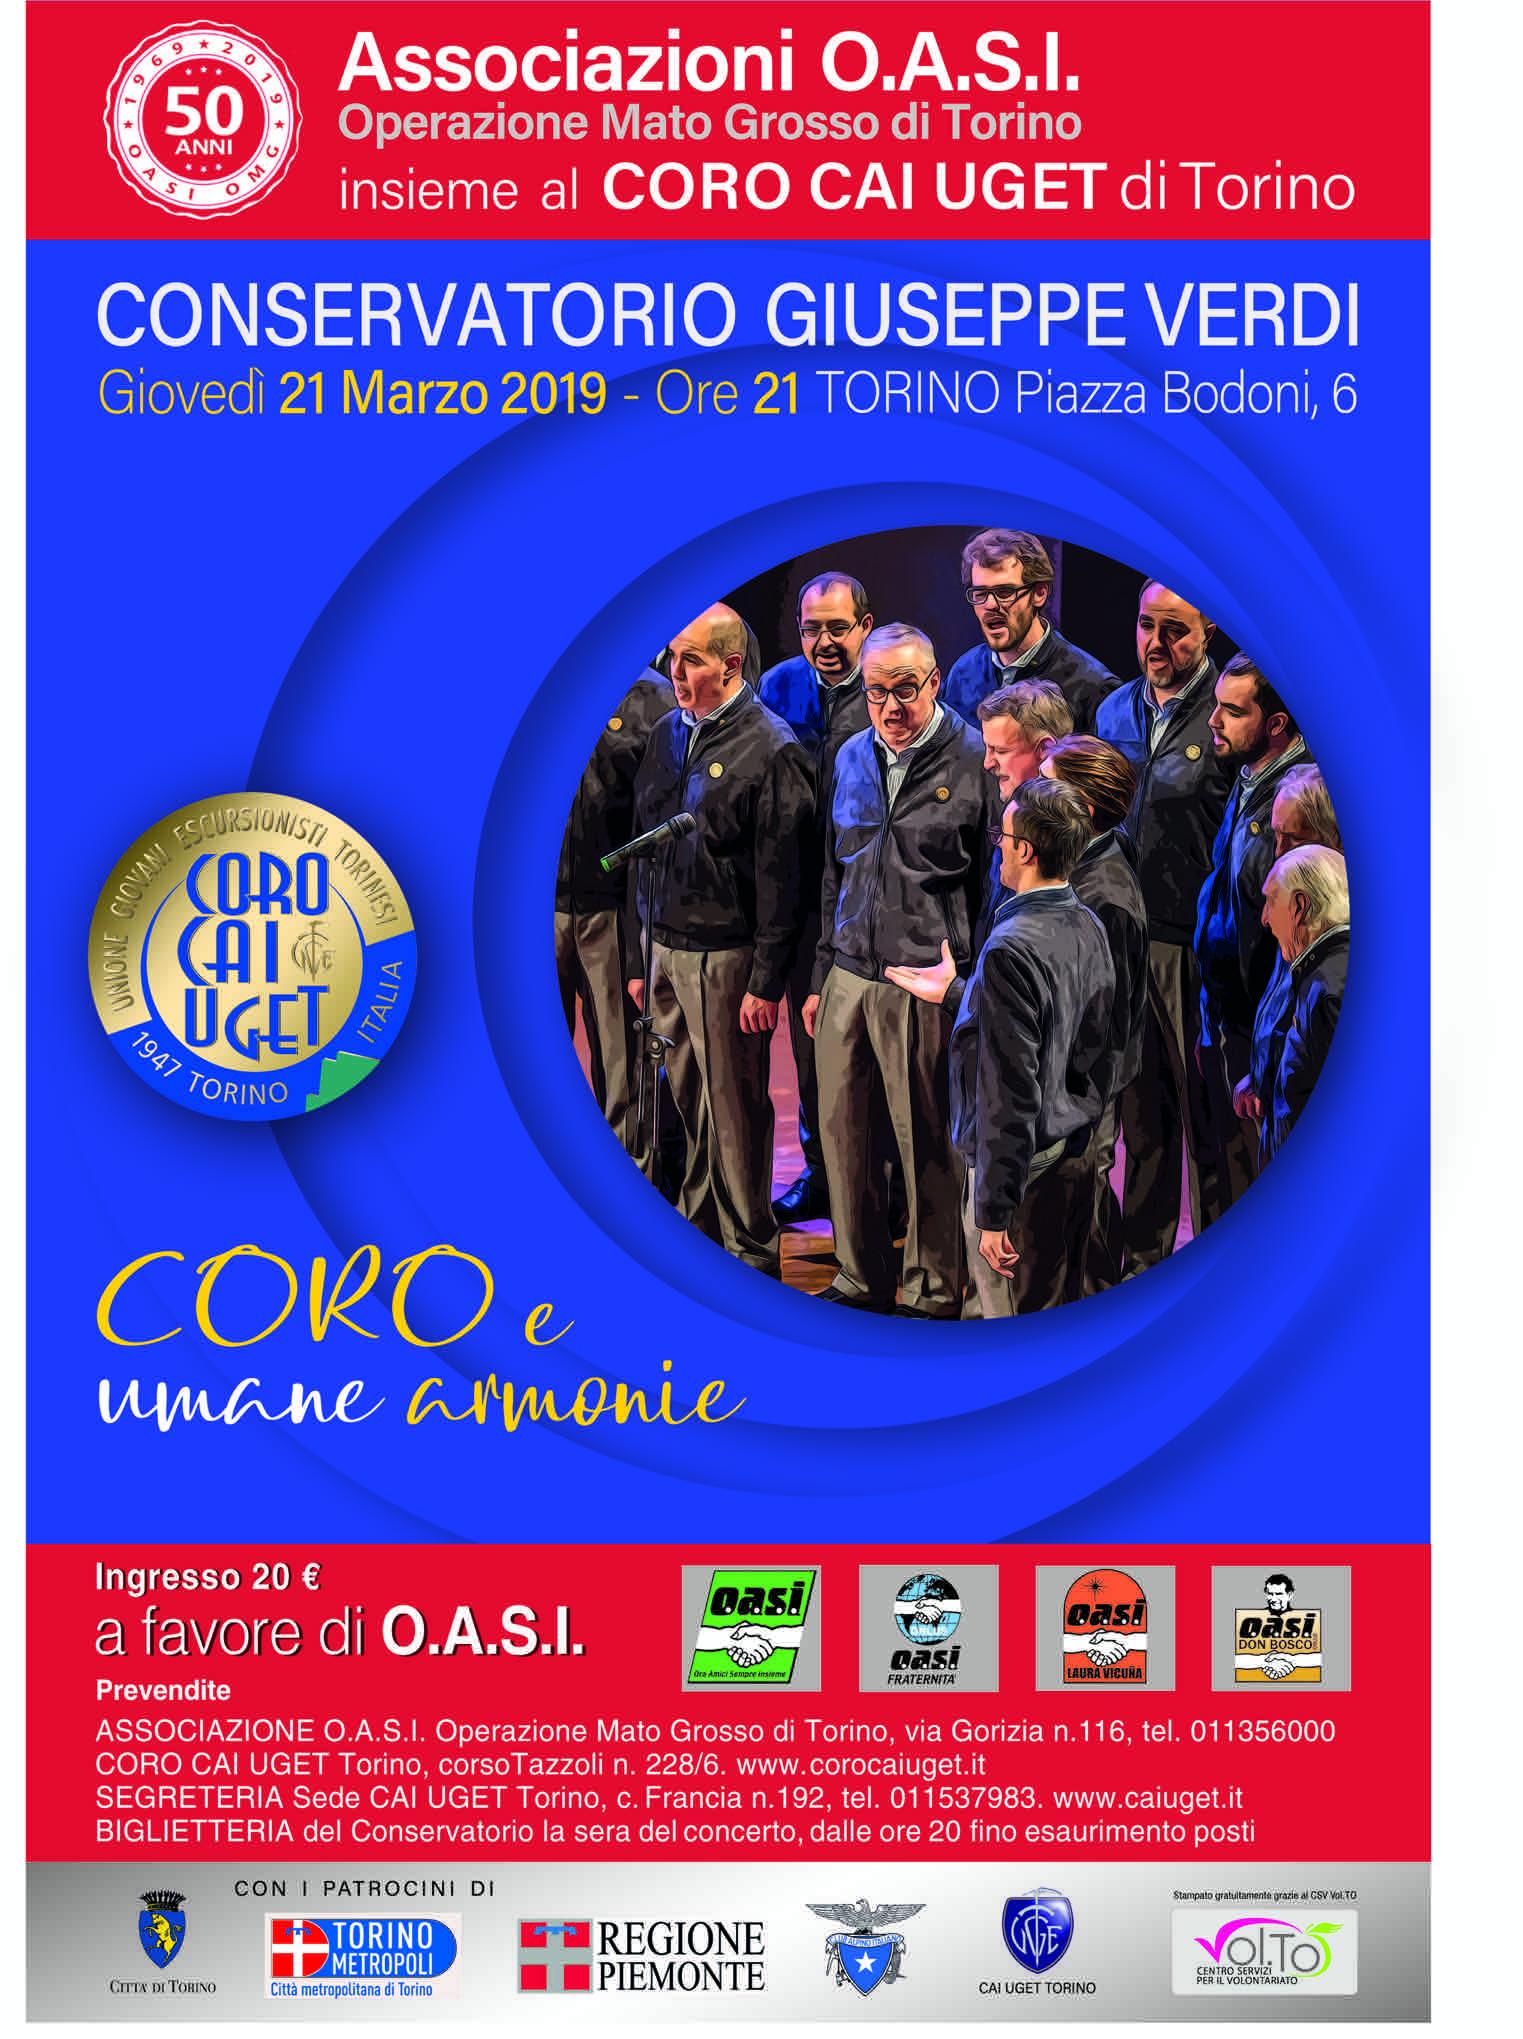 Giovedì 21 marzo il Coro CAI UGET canta al conservatorio di Torino per OASI